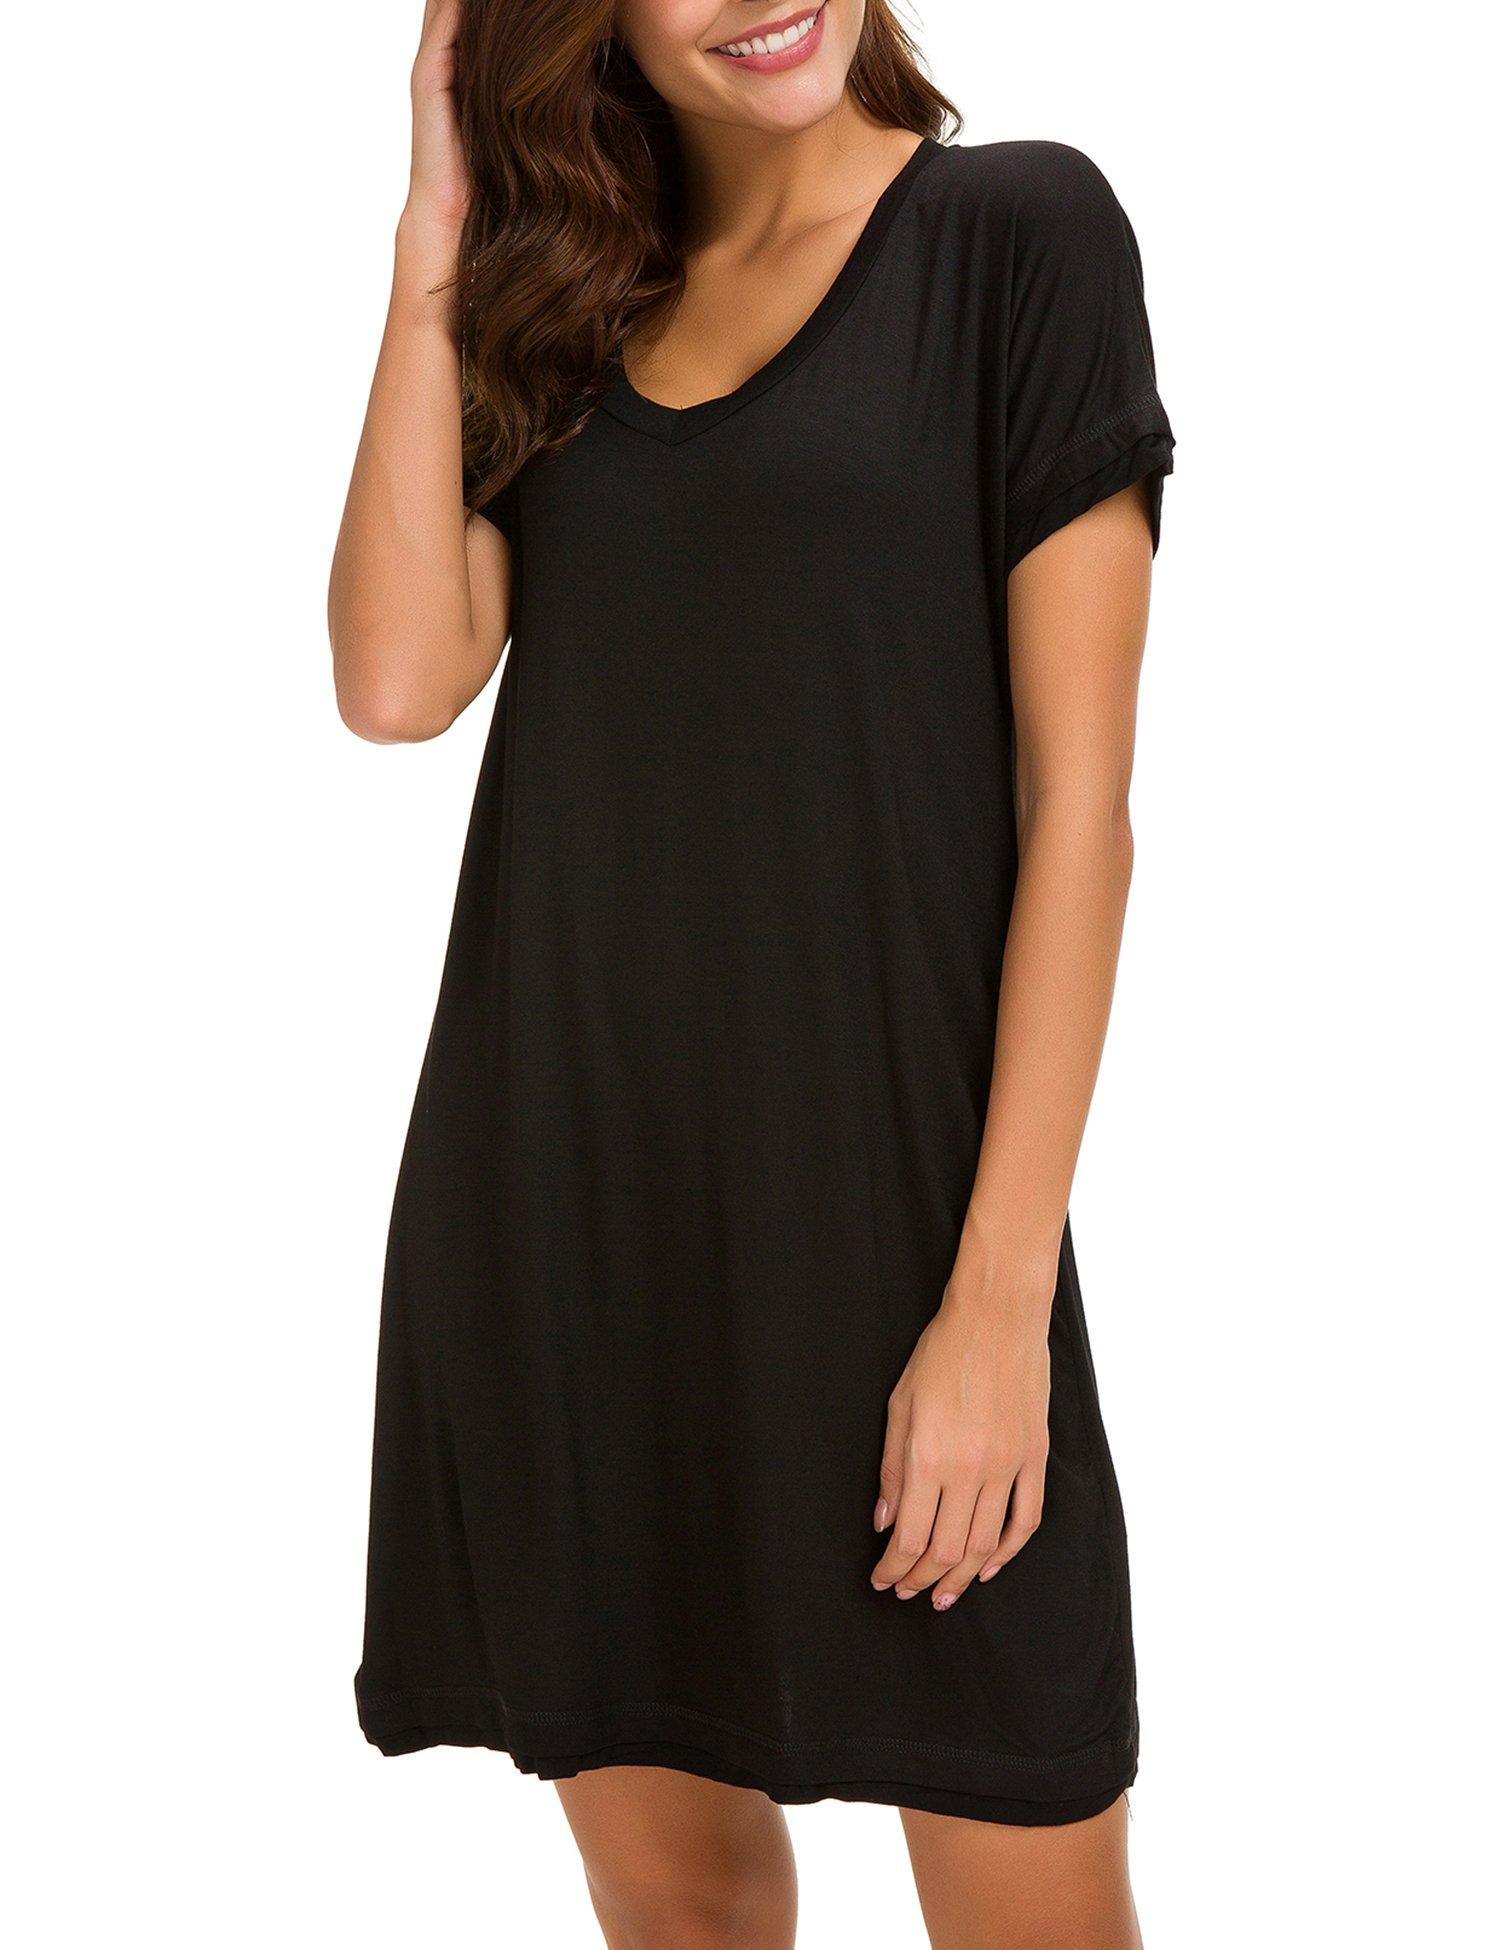 Dolay Women's Sleepwear Cotton Sleep Tee Short Sleeves Knit Sleepshirt (Black, XL) by Dolay (Image #4)